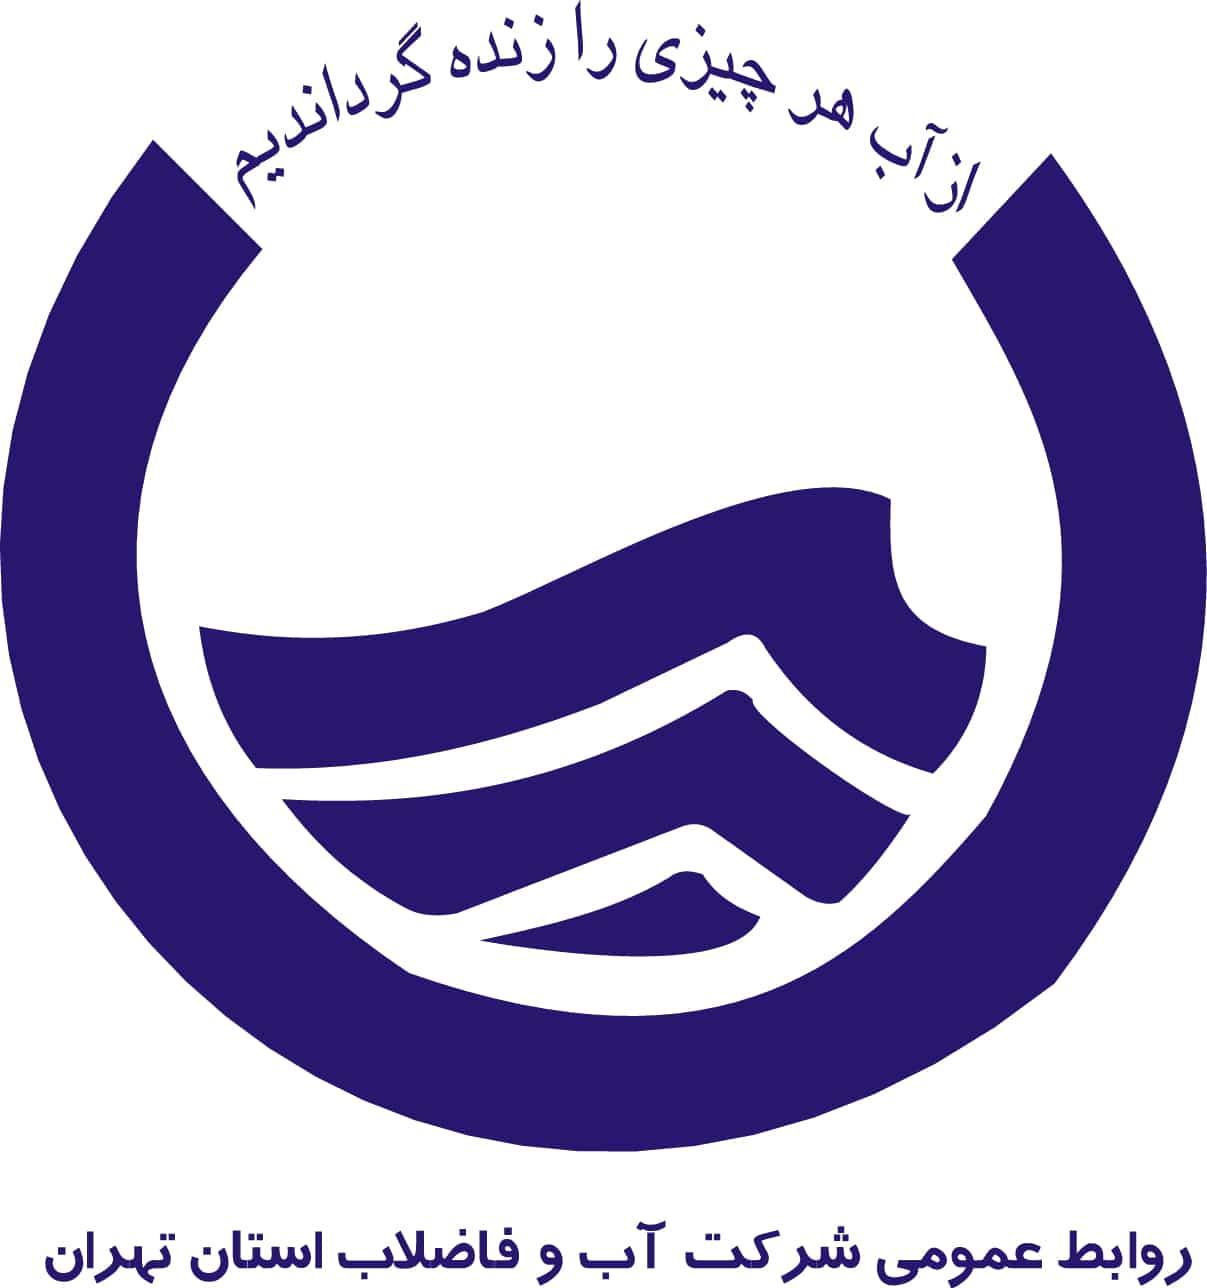 طراحی لوگو شرکت آب و فاضلاب